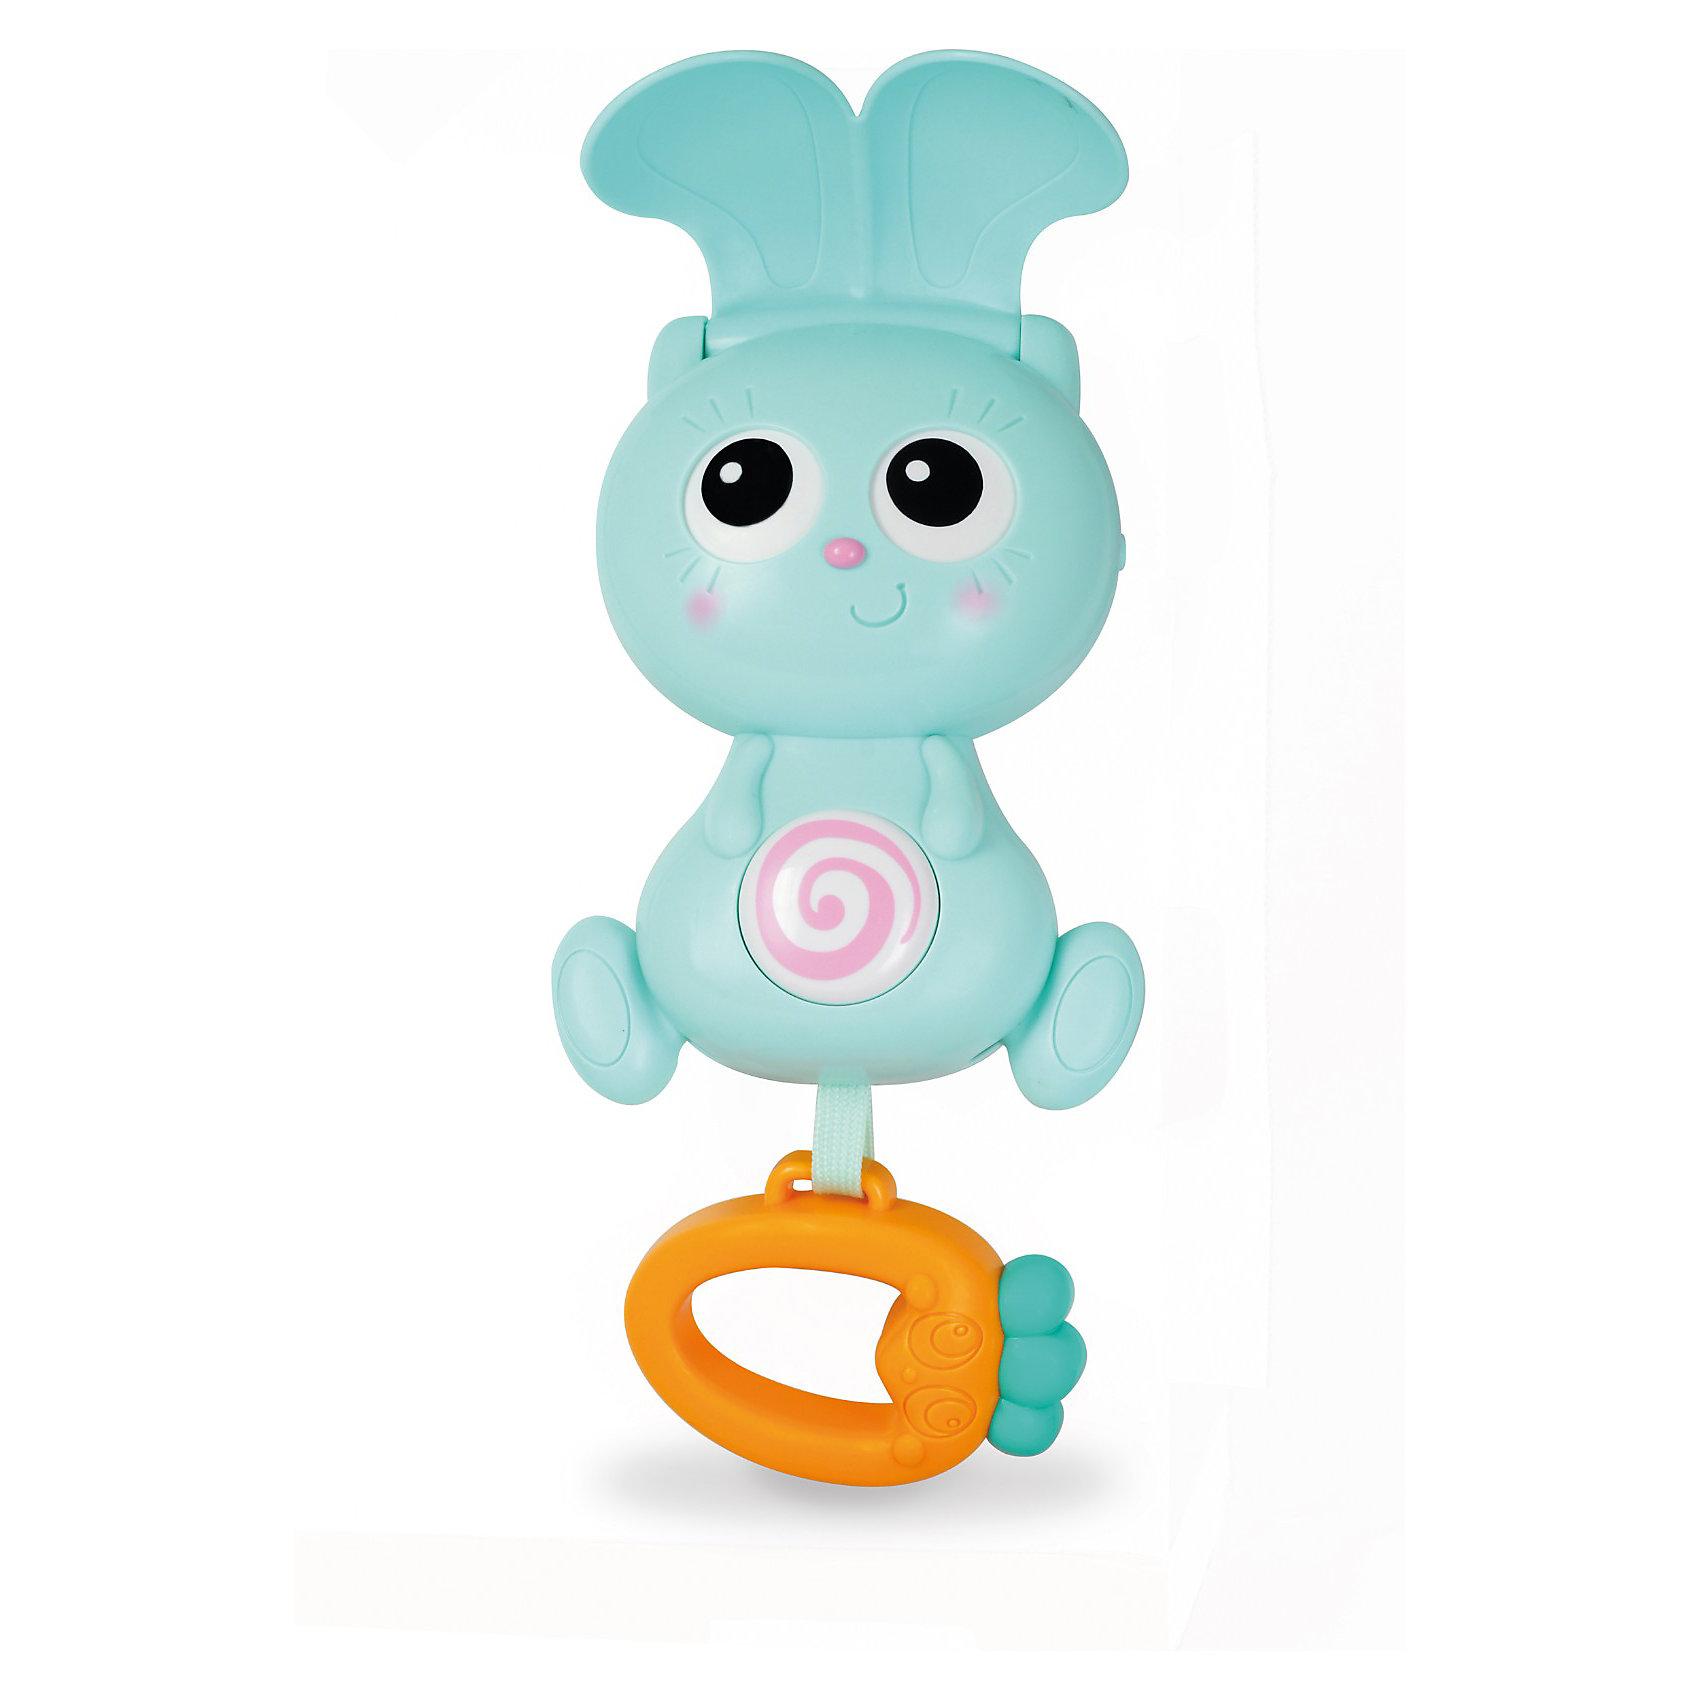 Бани панель на кроватку, OuapsУшки и кролика могут закрываться, а глазки и животик медленно крутятся под музыку. Лапки кролика двигаются. Игрушка начинает работать при нажатии на прорезыватель в виде морковки.<br>В комплекте прилагаются несколько забавных мелодий, общей продолжительностью 15 минут.<br><br>Дополнительная информация:<br><br>- материал: пластик <br>- цвет: бирюзовый, оранжевый<br>- размеры упаковки: 18 x 30.5 x 9.5 см.<br>- вес: 550 гр.<br>- тип питания: батарейки 3 шт. ААА (в комплекте).<br>- панель легко крепится к бортику кроватки или к ручке коляски при помощи мягкой пластиковой ленты<br><br>Бани панель на кроватку от Ouaps можно купить в нашем интернет-магазине.<br><br>Ширина мм: 100<br>Глубина мм: 180<br>Высота мм: 300<br>Вес г: 550<br>Возраст от месяцев: 3<br>Возраст до месяцев: 144<br>Пол: Унисекс<br>Возраст: Детский<br>SKU: 3360856